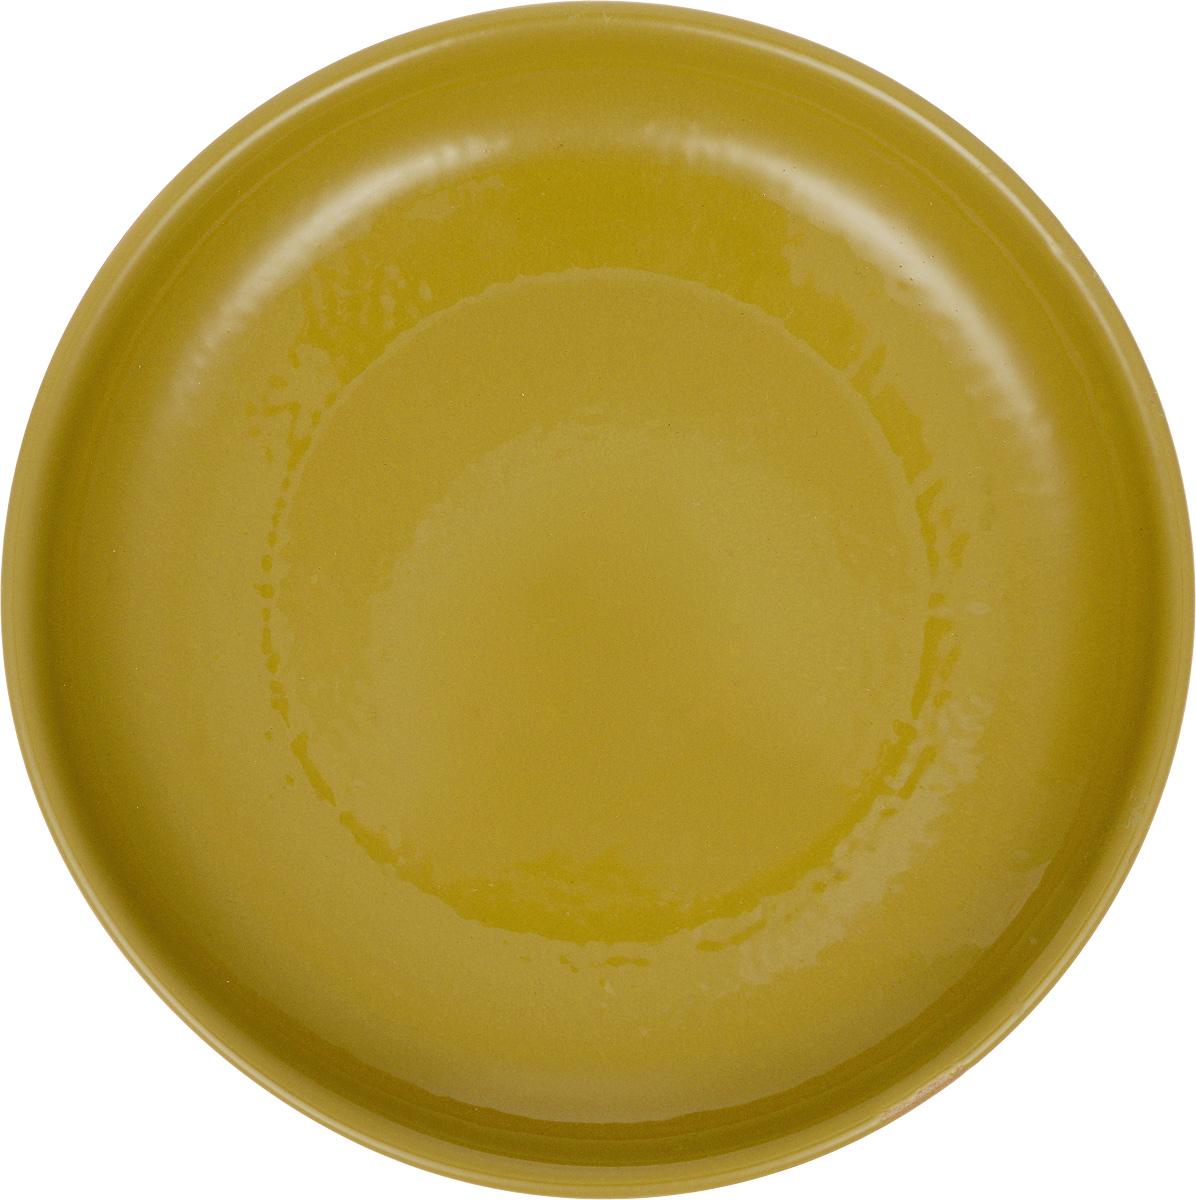 Тарелка Борисовская керамика Радуга, цвет: горчичный, диаметр 18 смРАД00000458_горчичныйТарелка Борисовская керамика Радуга, изготовленная из керамики, имеет изысканный внешний вид. Изделие идеально подойдет для сервировки стола. Тарелка отлично впишется в любой интерьер современной кухни и станет отличным подарком для вас и ваших близких. Можно использовать в духовке и микроволновой печи. Диаметр тарелки: 18 см. Высота тарелки: 3 см.